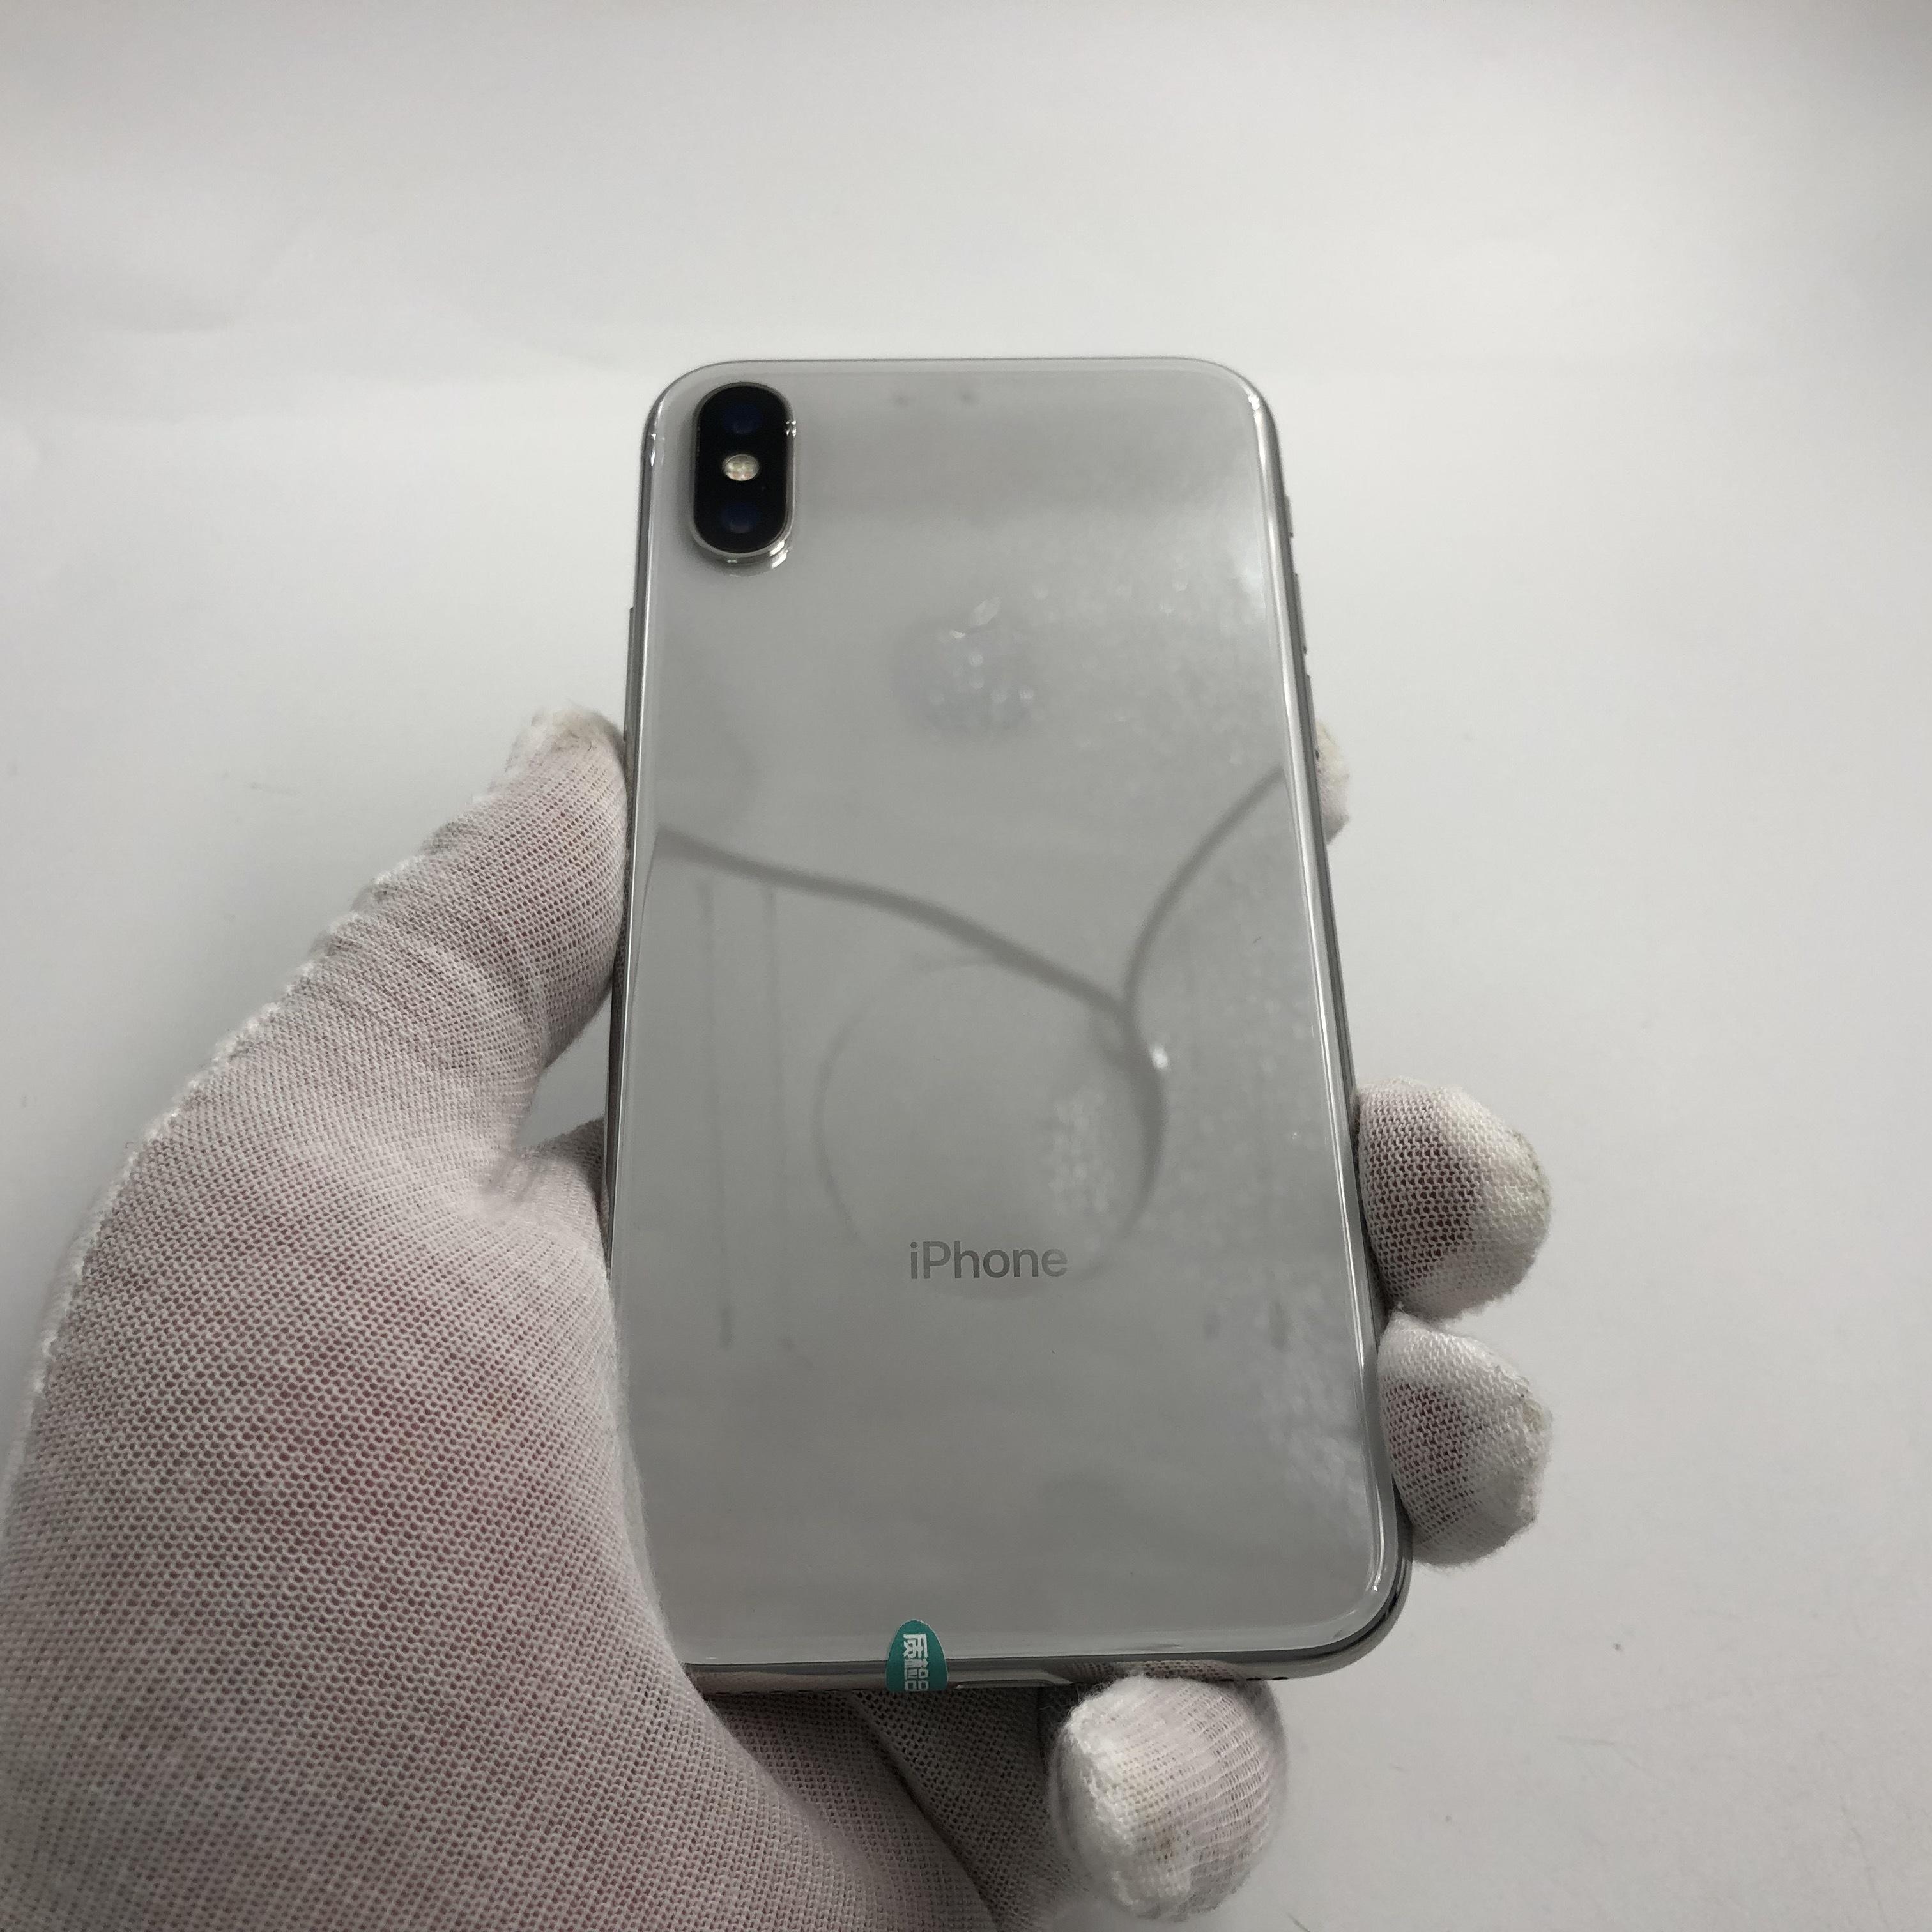 苹果【iPhone X】全网通 银色 64G 国行 95新